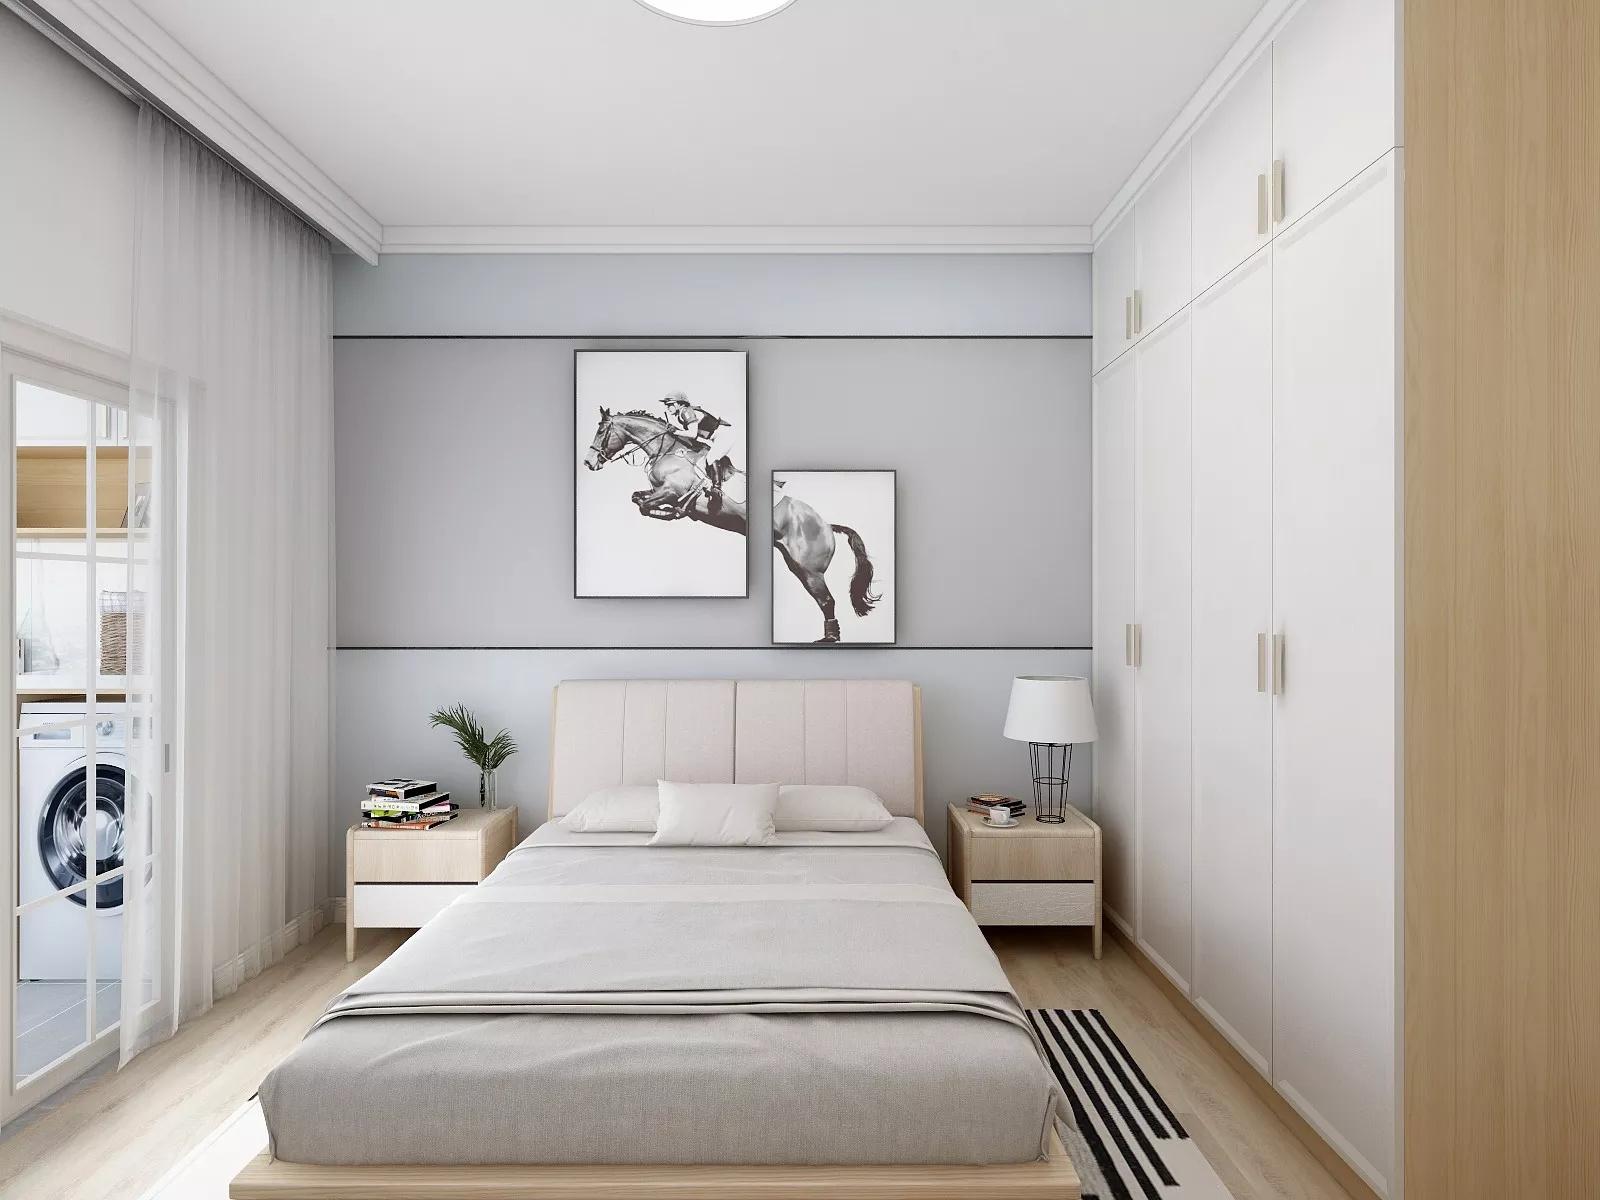 宜家风格温馨舒适卧室床装修效果图